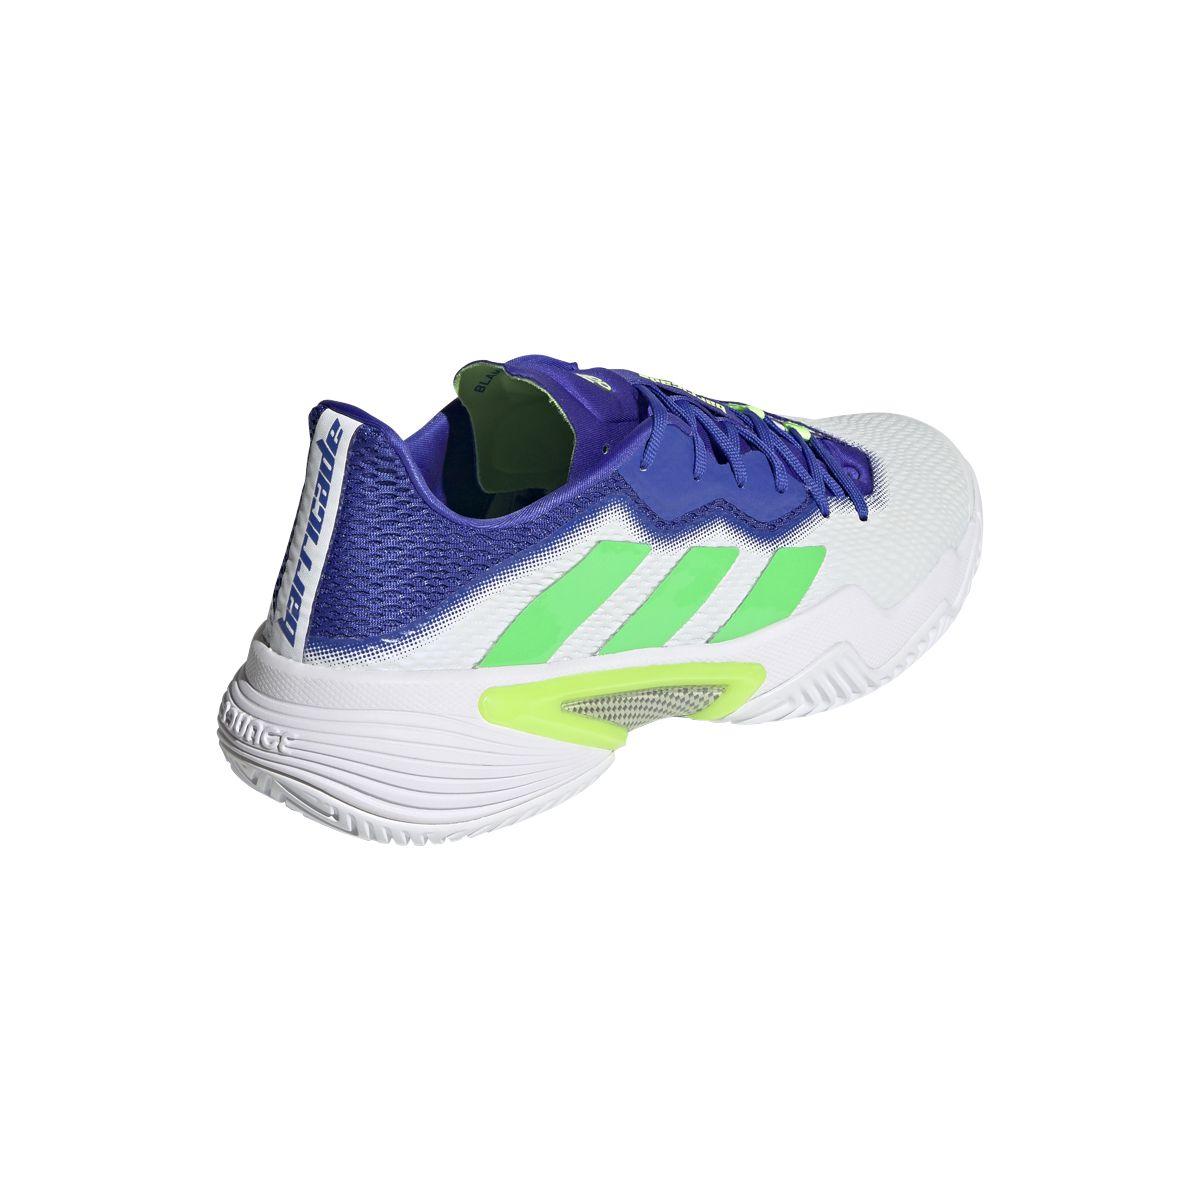 Le nuove Adidas Barricade bianche con inserti azzurri e verdi